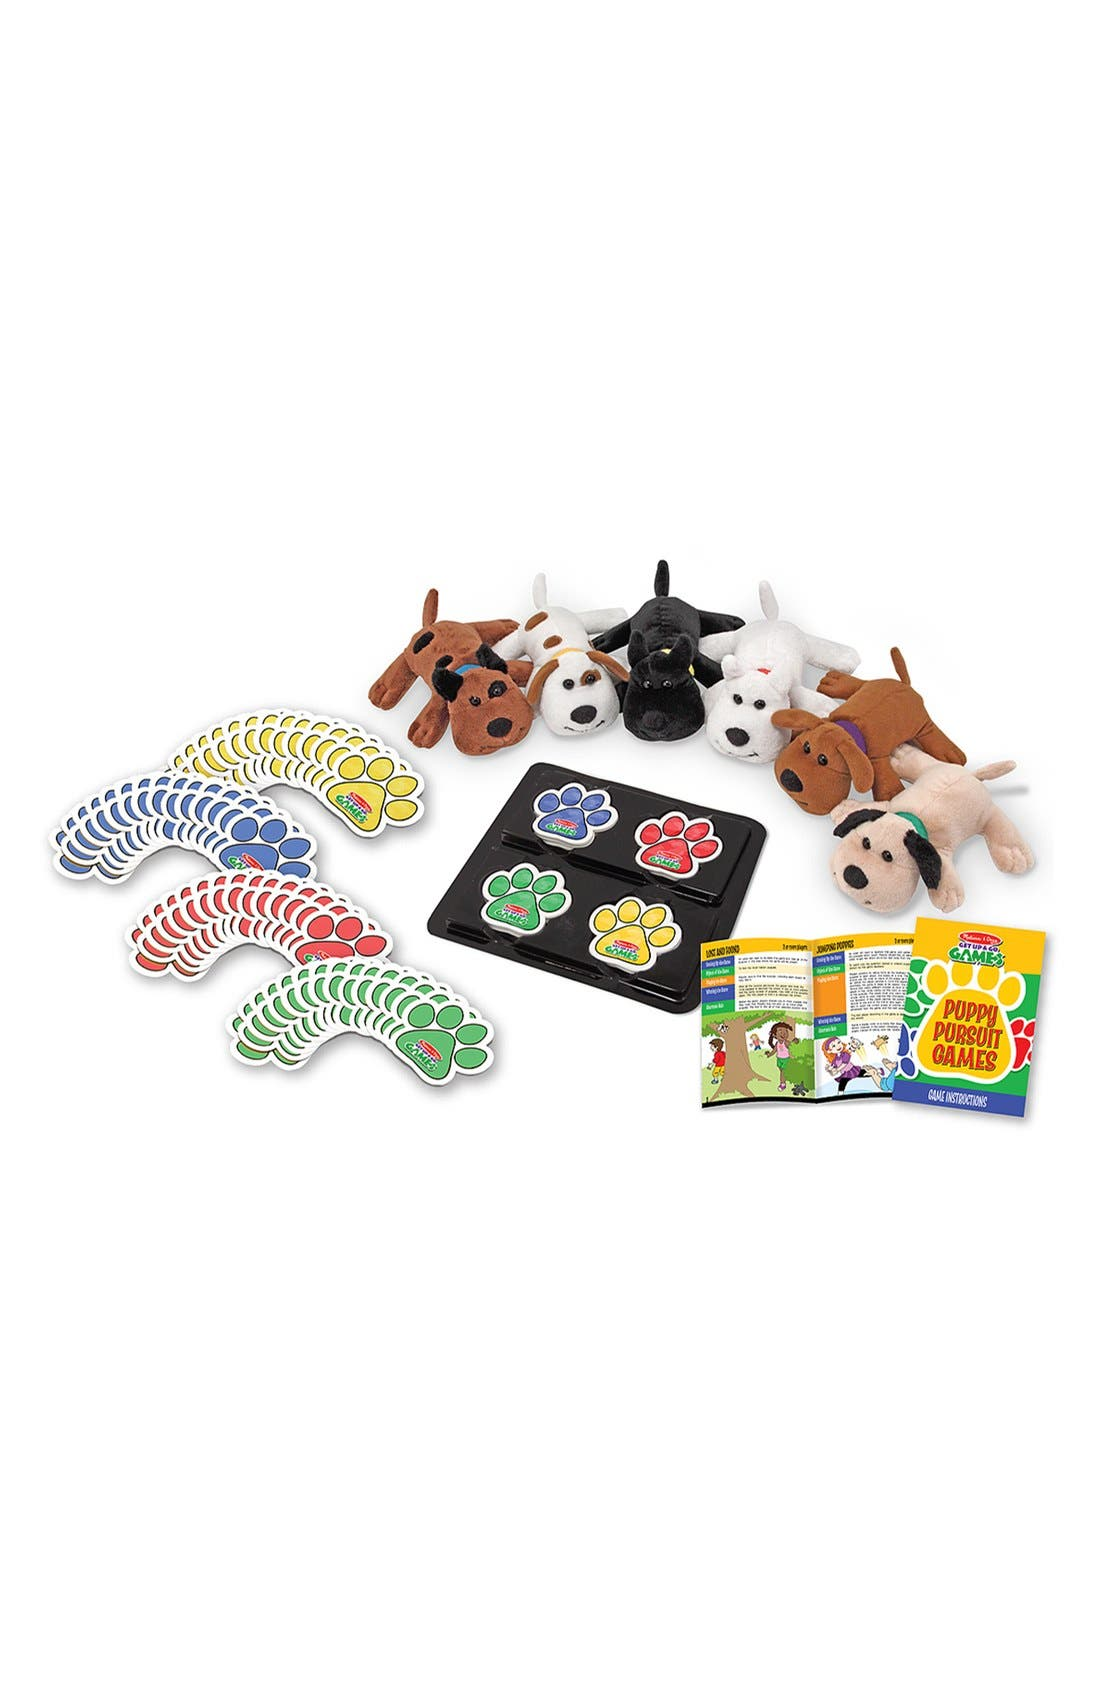 Main Image - Melissa & Doug 'Puppy Pursuit' Game Set